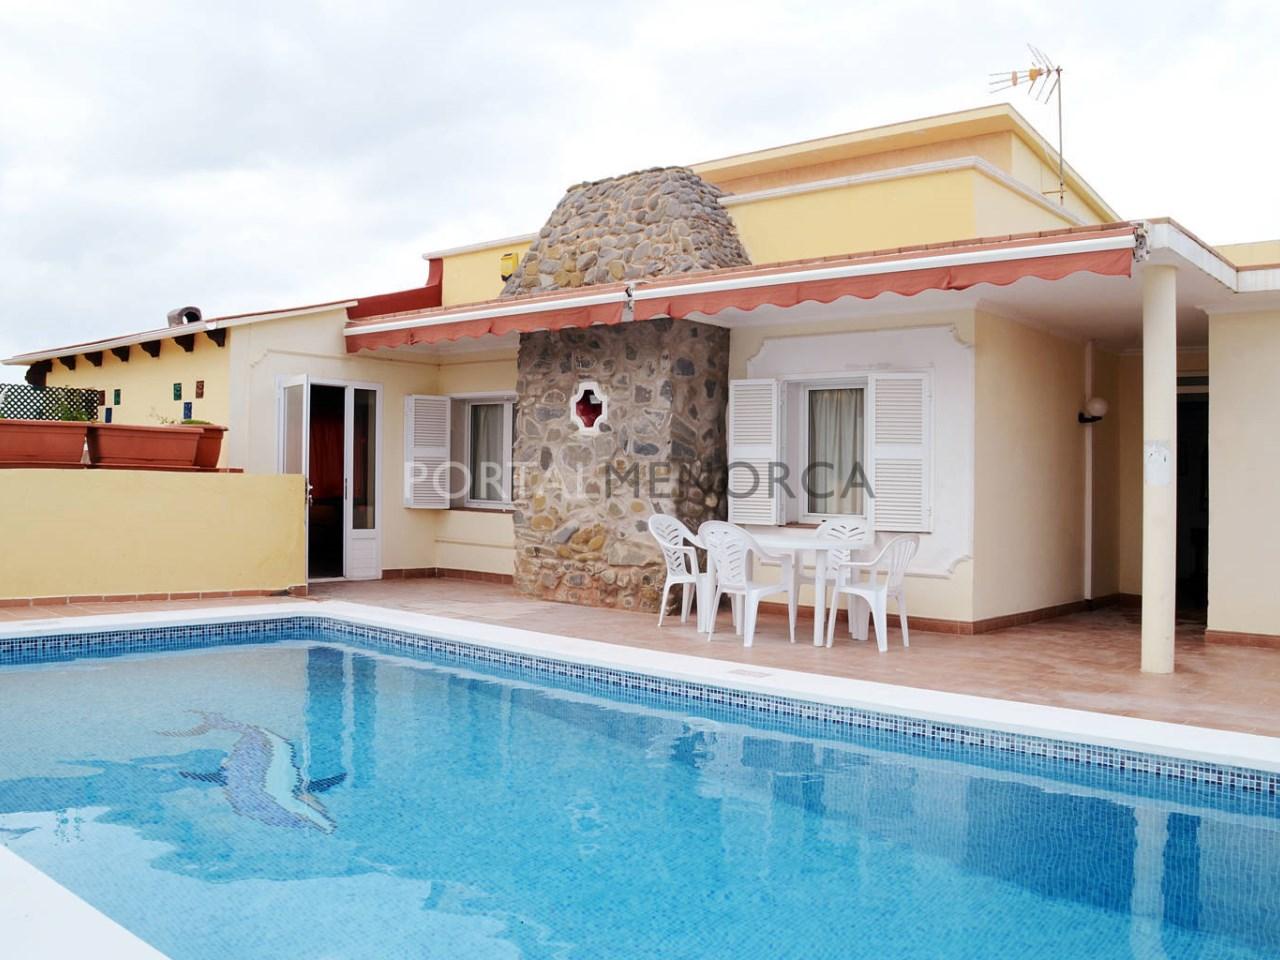 Chalet con piscina y licencia turística en venta en Punta Prima, Menorca